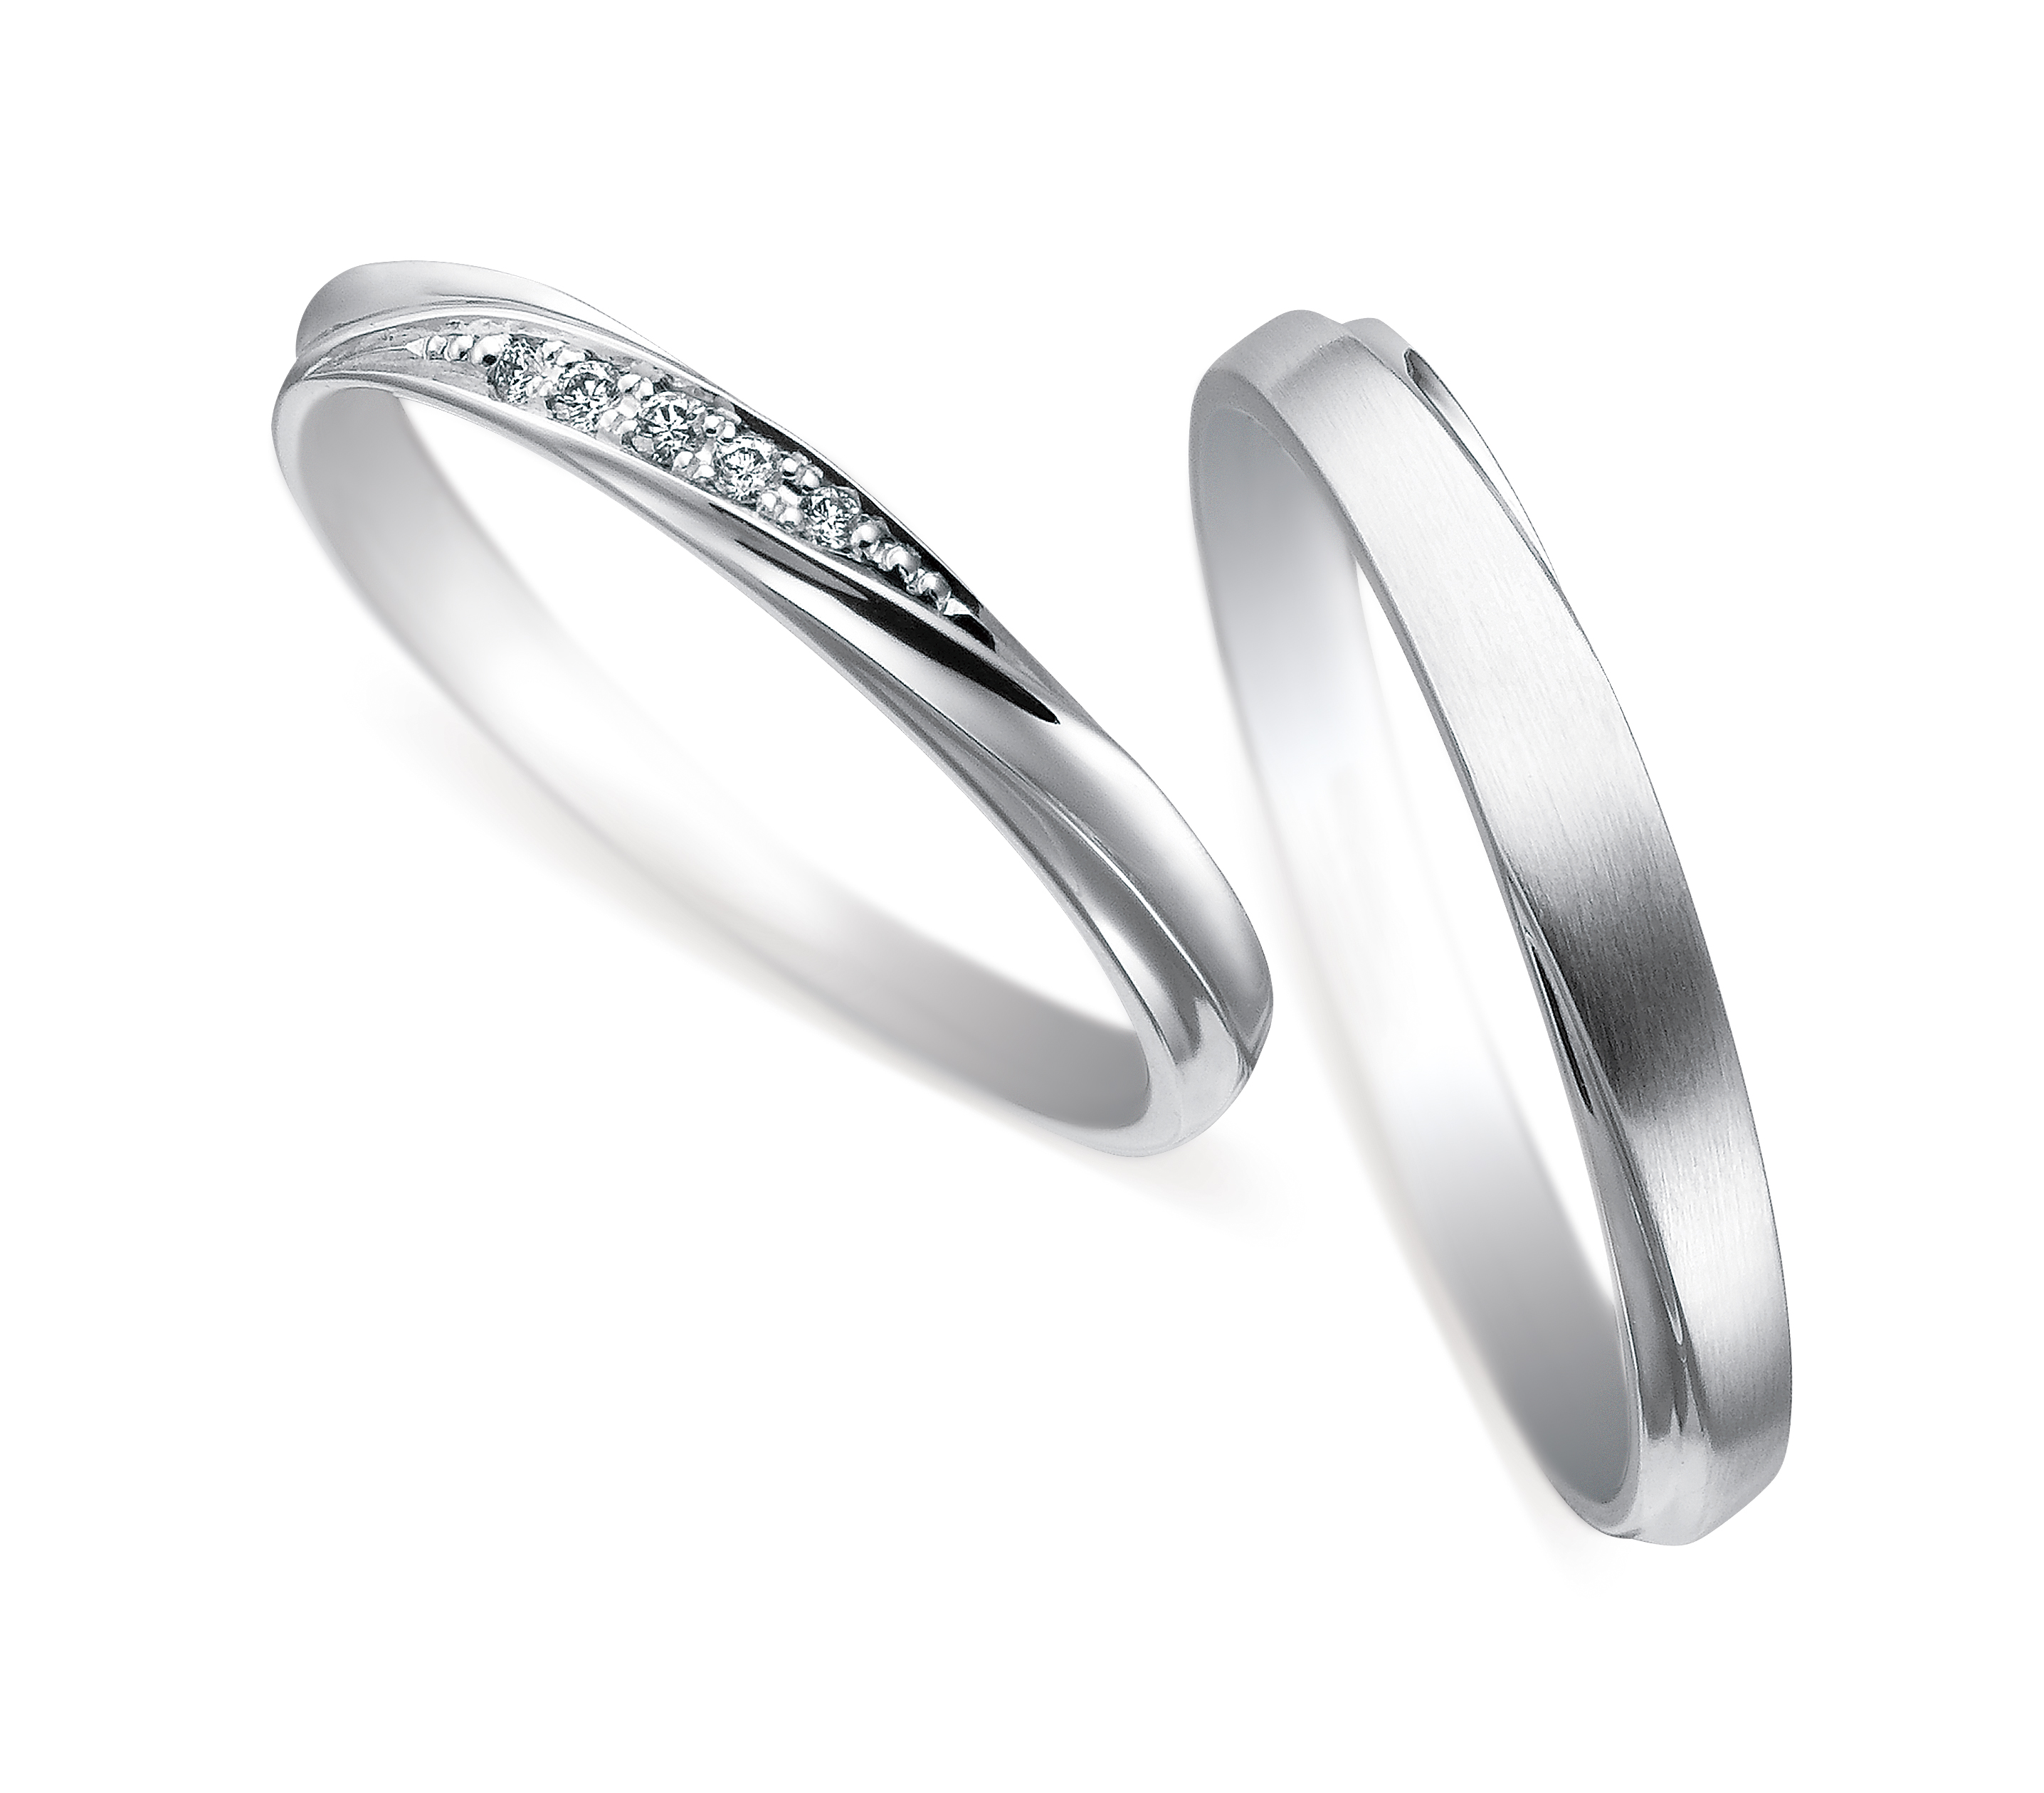 SB-826 827|サムシングブルー 結婚指輪